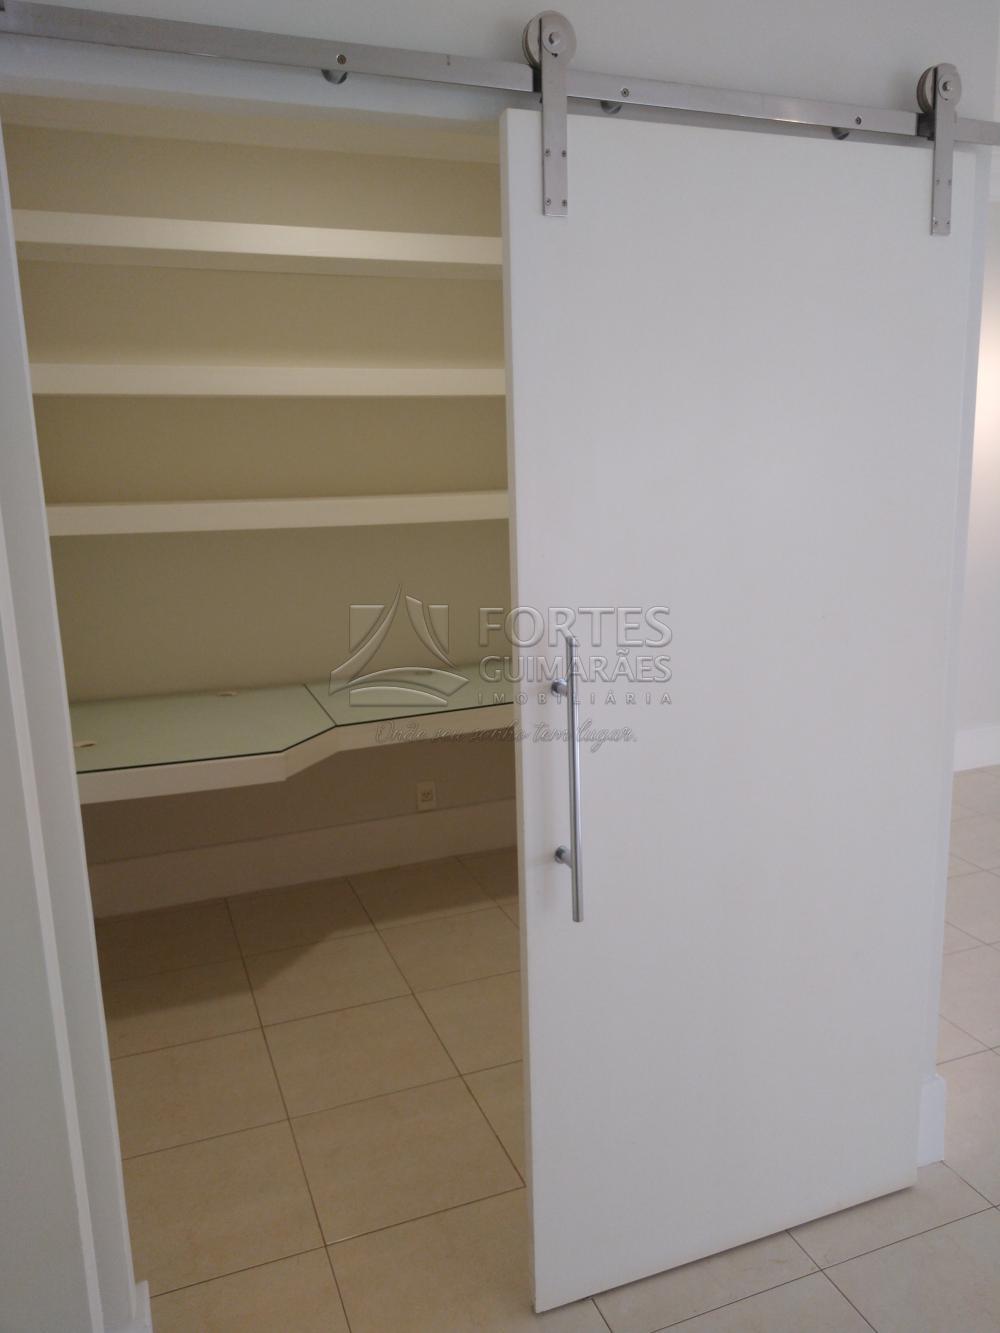 Alugar Apartamentos / Padrão em Ribeirão Preto apenas R$ 3.000,00 - Foto 18